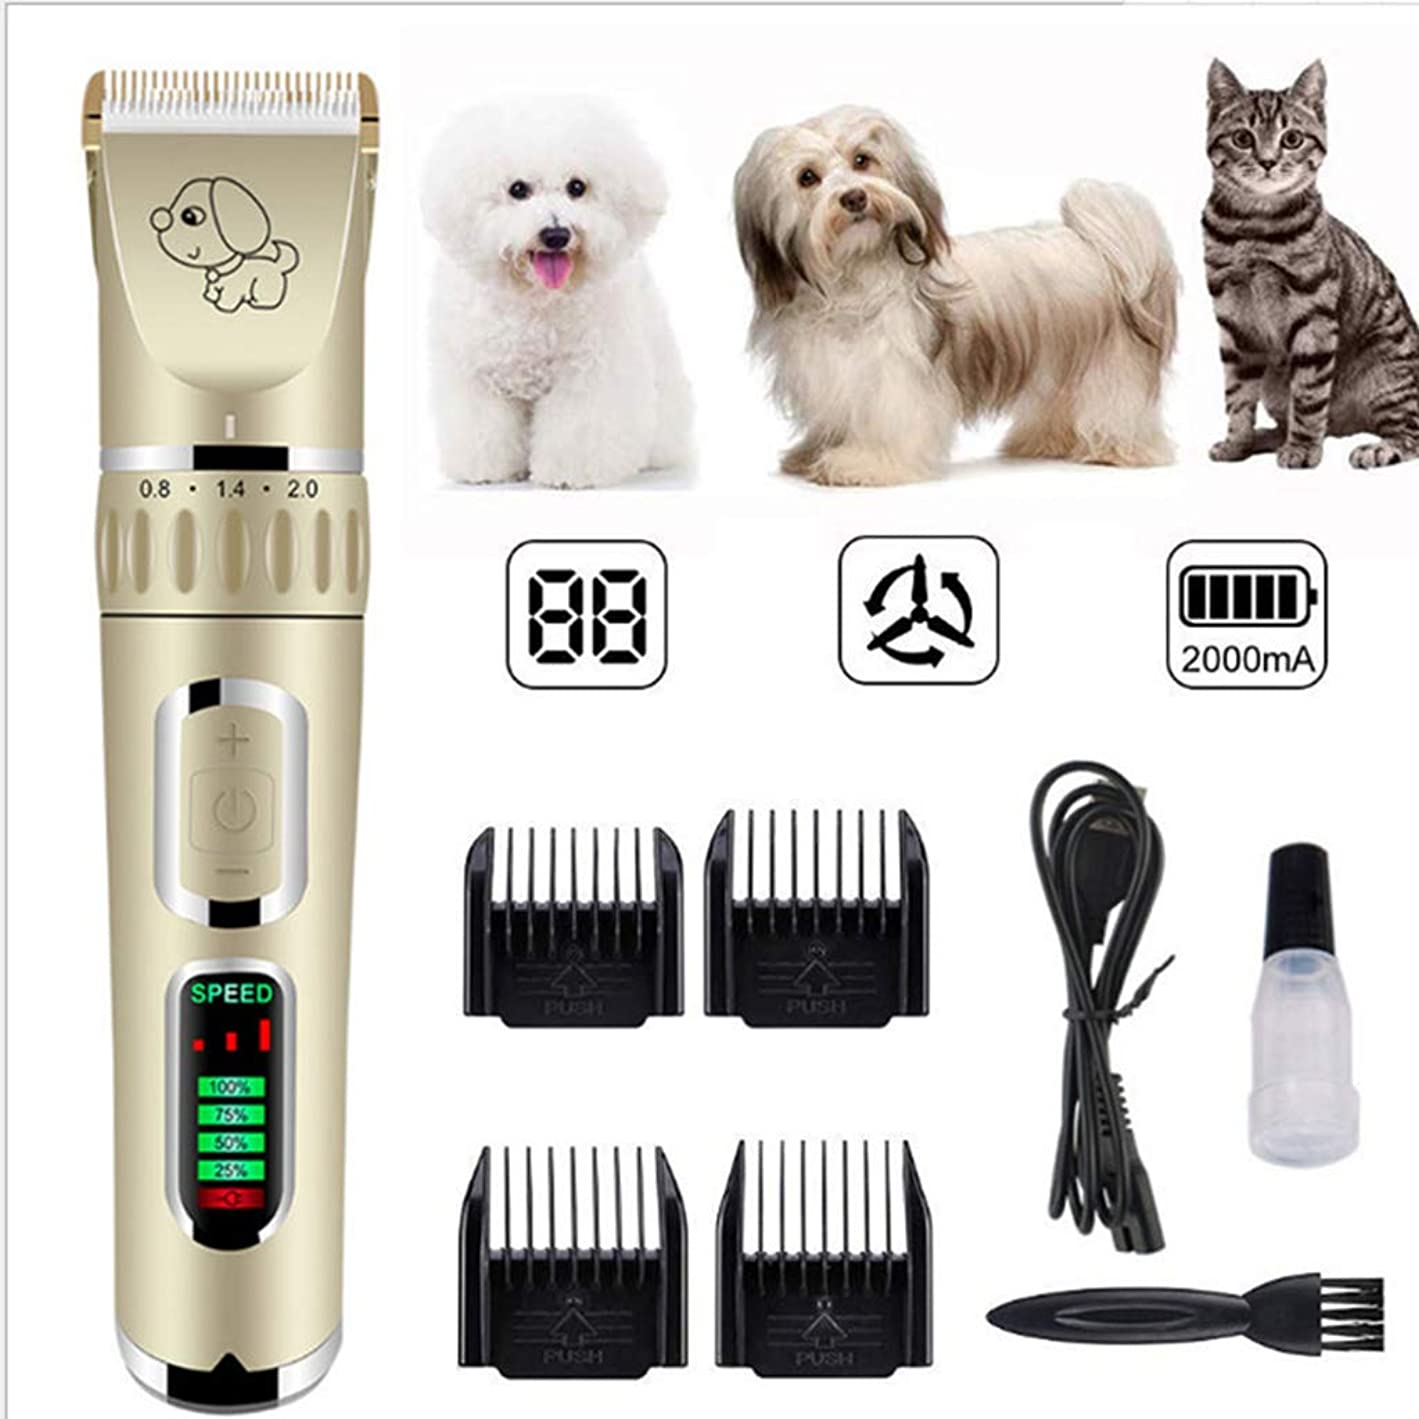 電卓アンビエントスイング電気ペットバリカン、USB充電バリカン/シェーバー、犬、猫コードレスバリカン